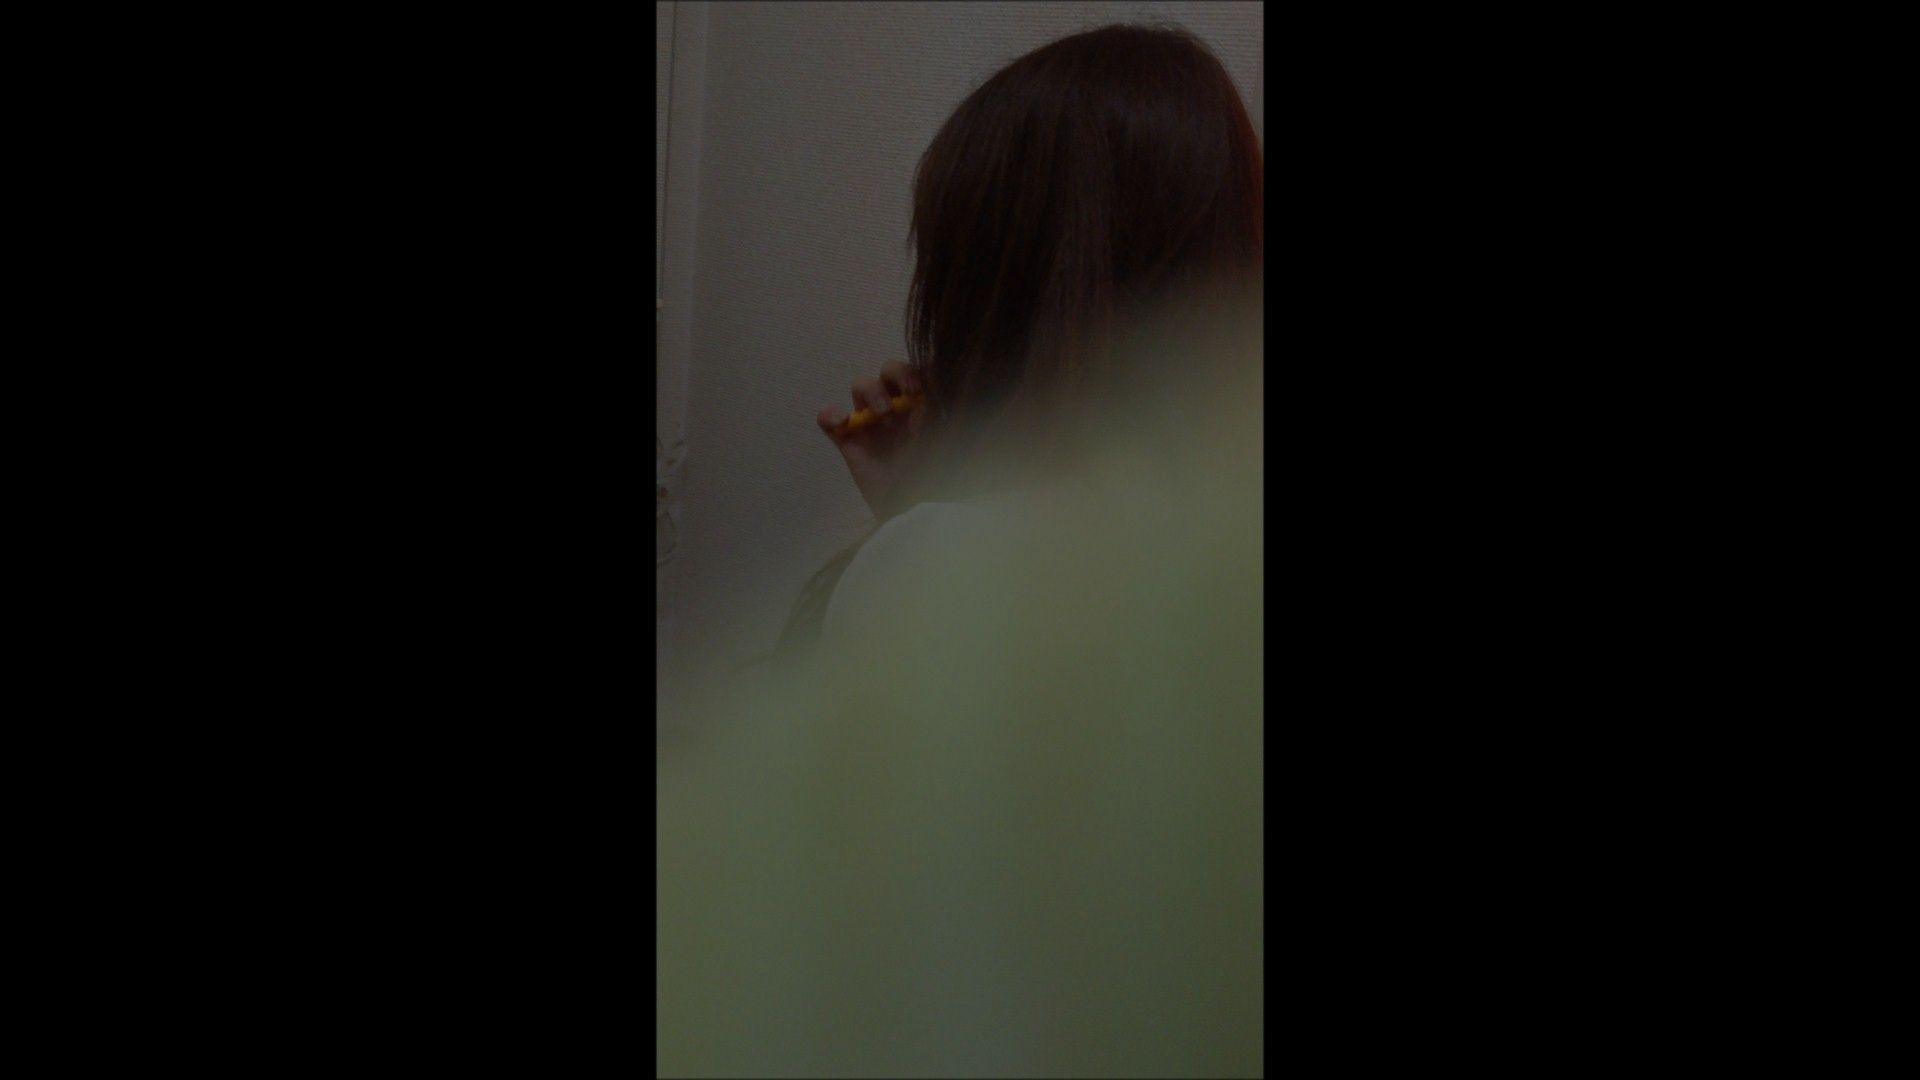 08(8日目)メイク中の彼女の顔を撮りました! マンコ特集 | オマンコ丸見え  59連発